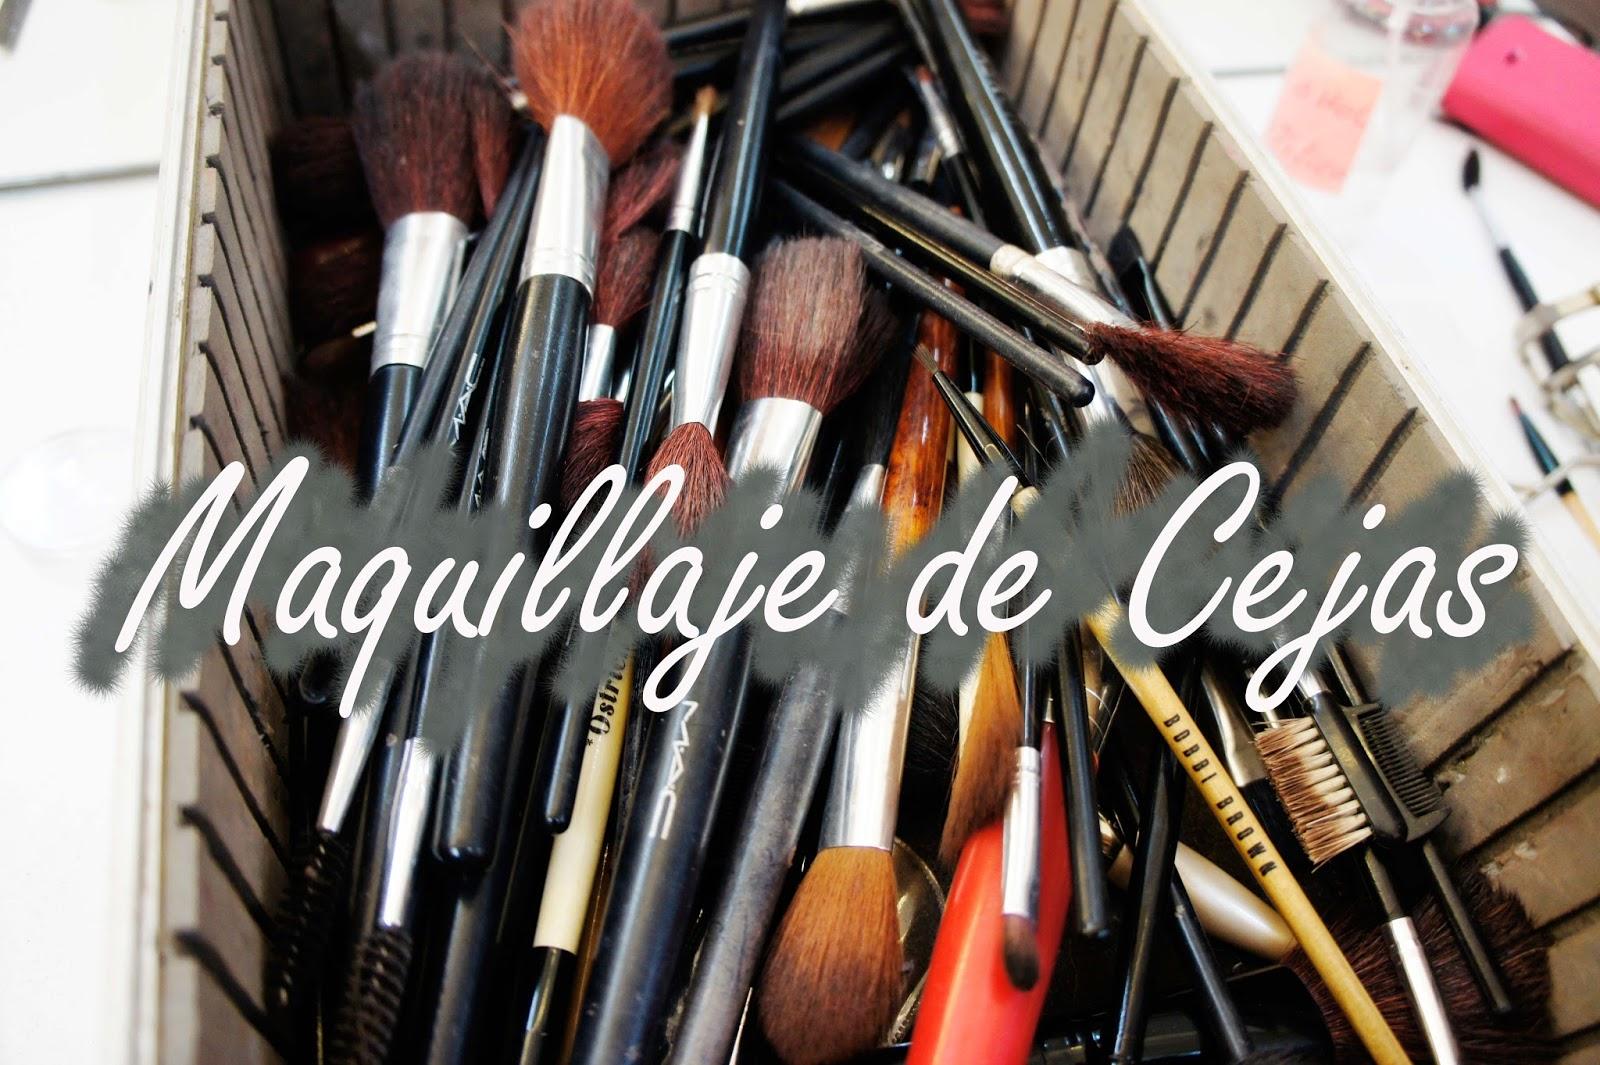 Maquillaje de cejas makeup eyebrown video clase tutorial lima escuela Sol Ríos